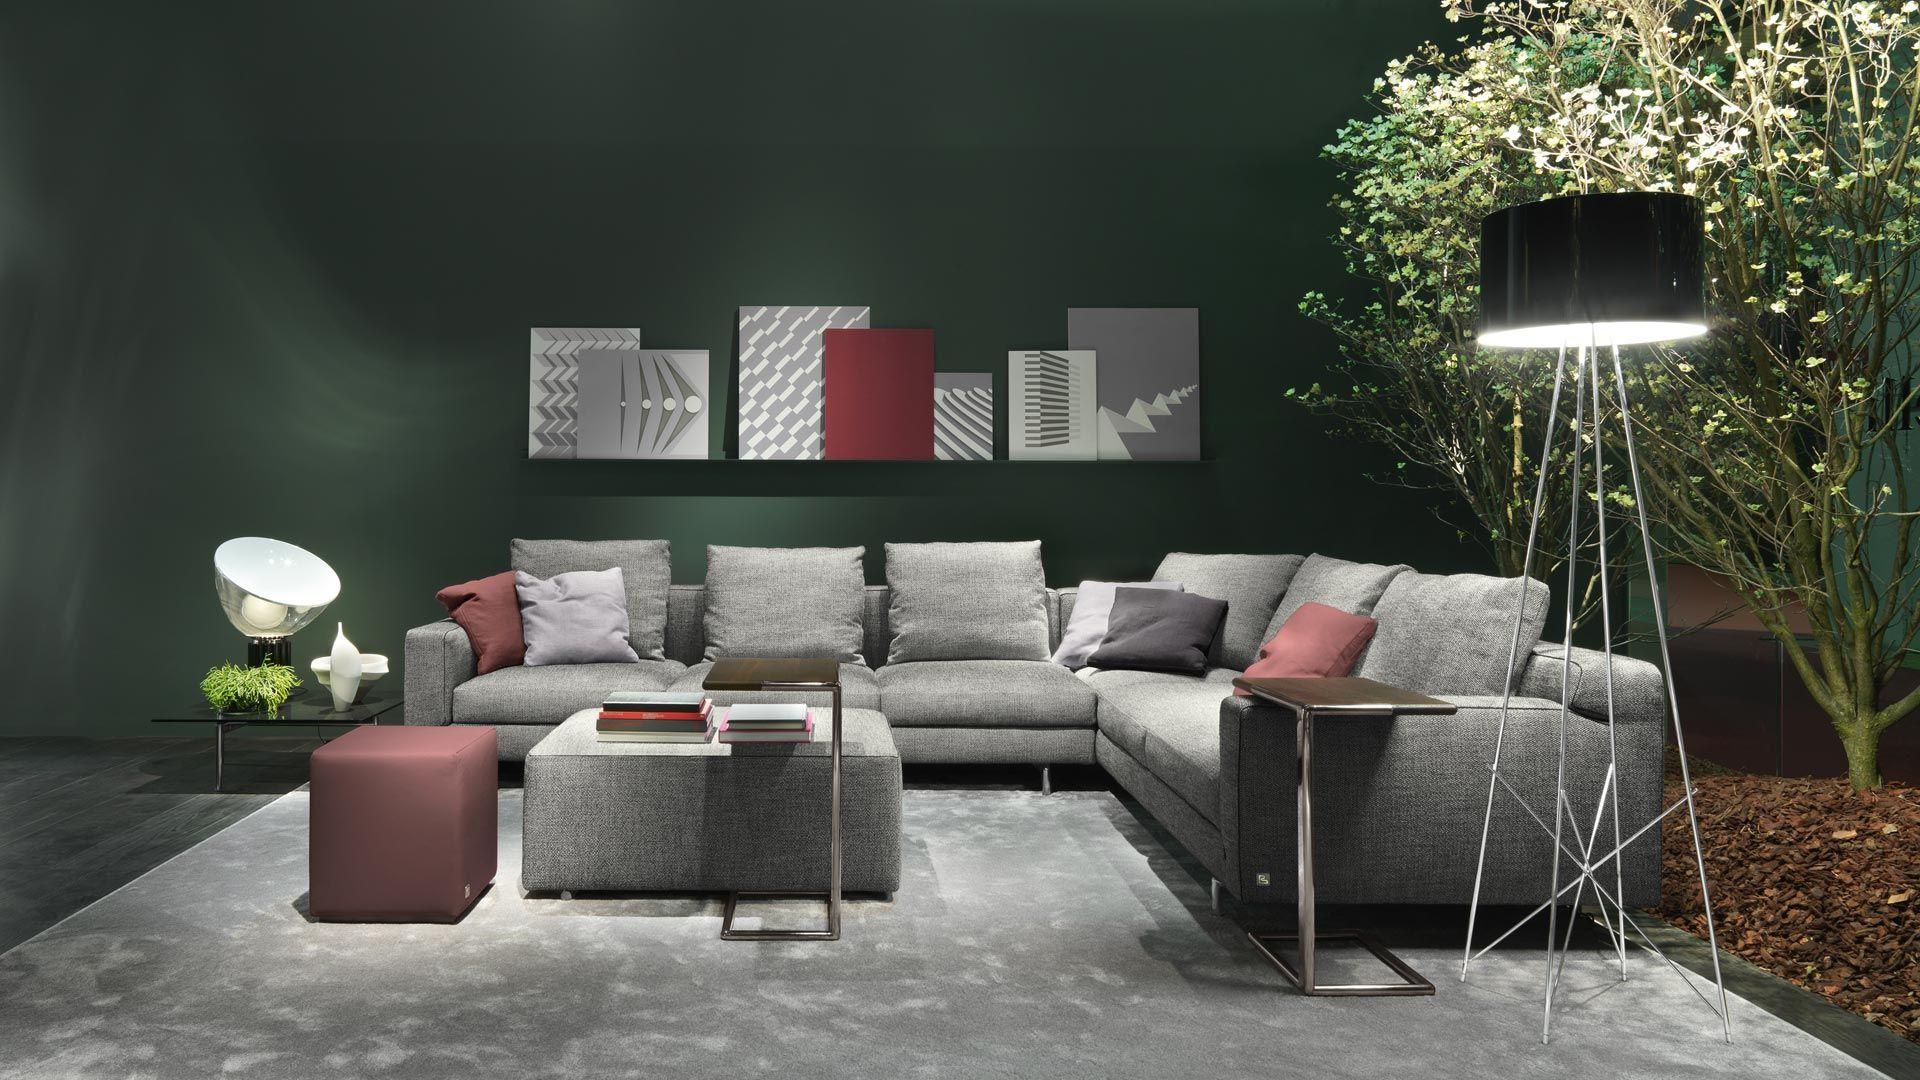 Titolo da inserire Furniture, Outdoor sectional sofa